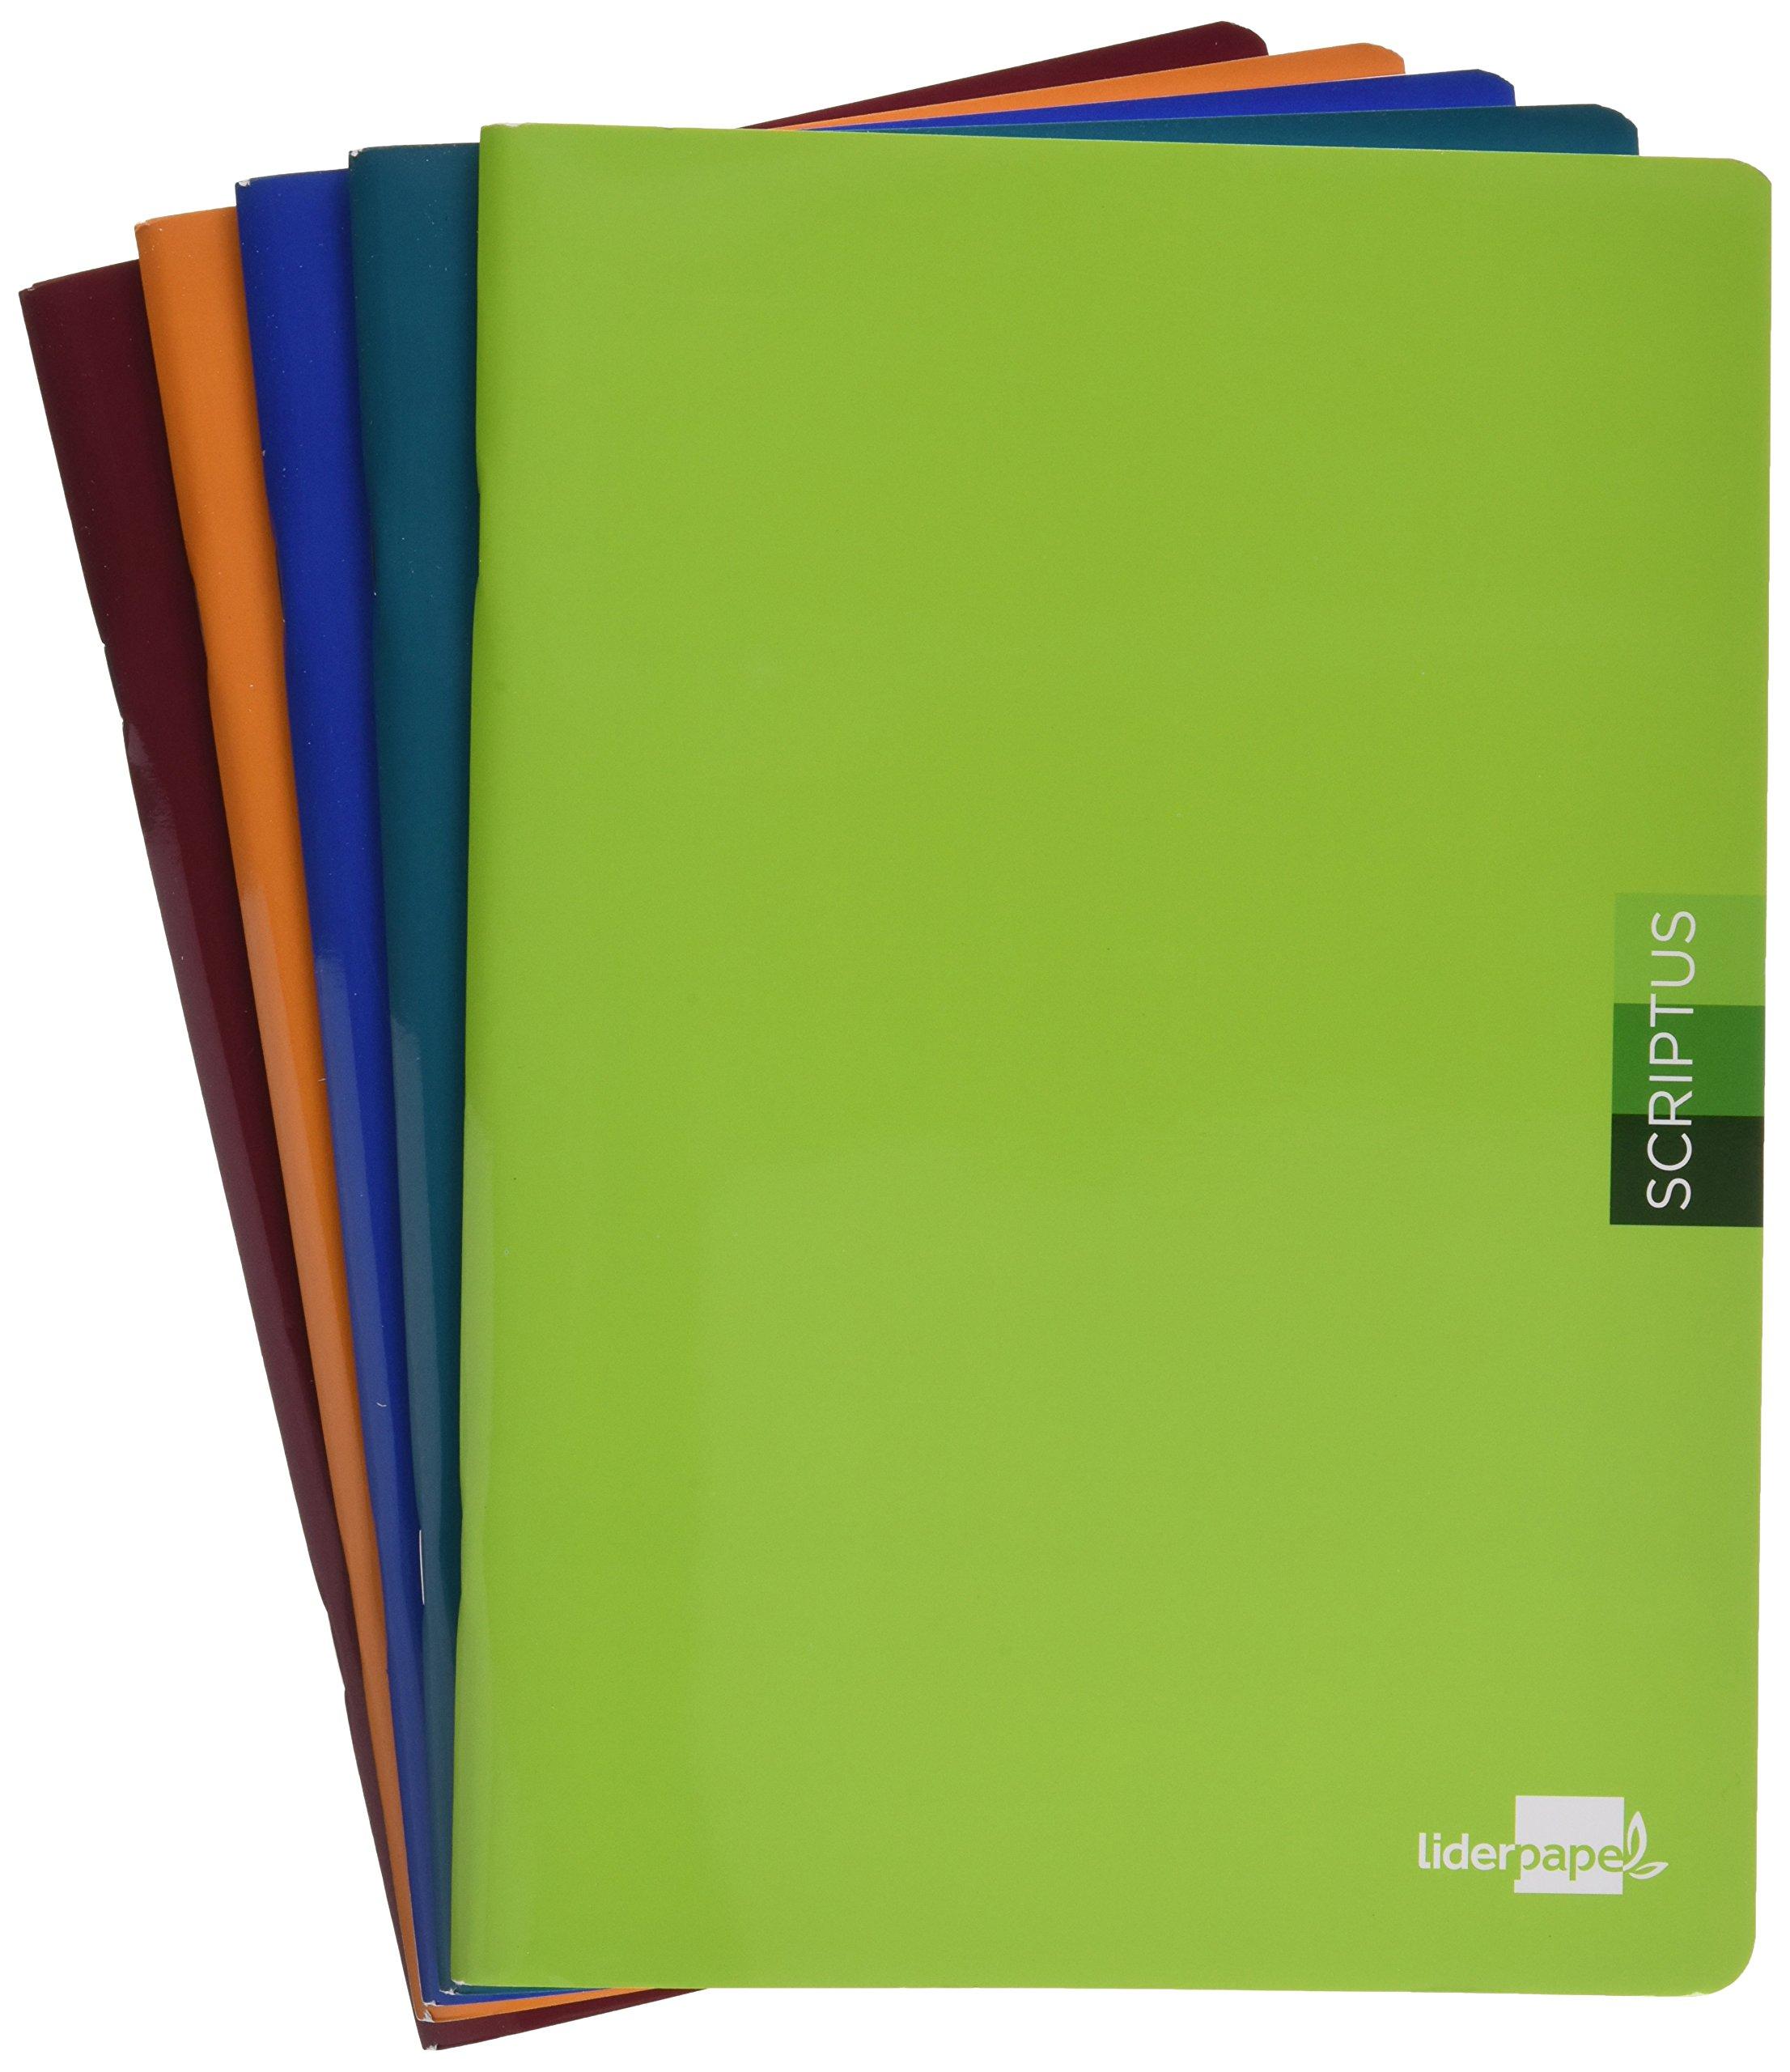 Liderpapel LB31 - Pack de 5 libretas, liso, 48 hojas, A4, 90 gr: Amazon.es: Oficina y papelería